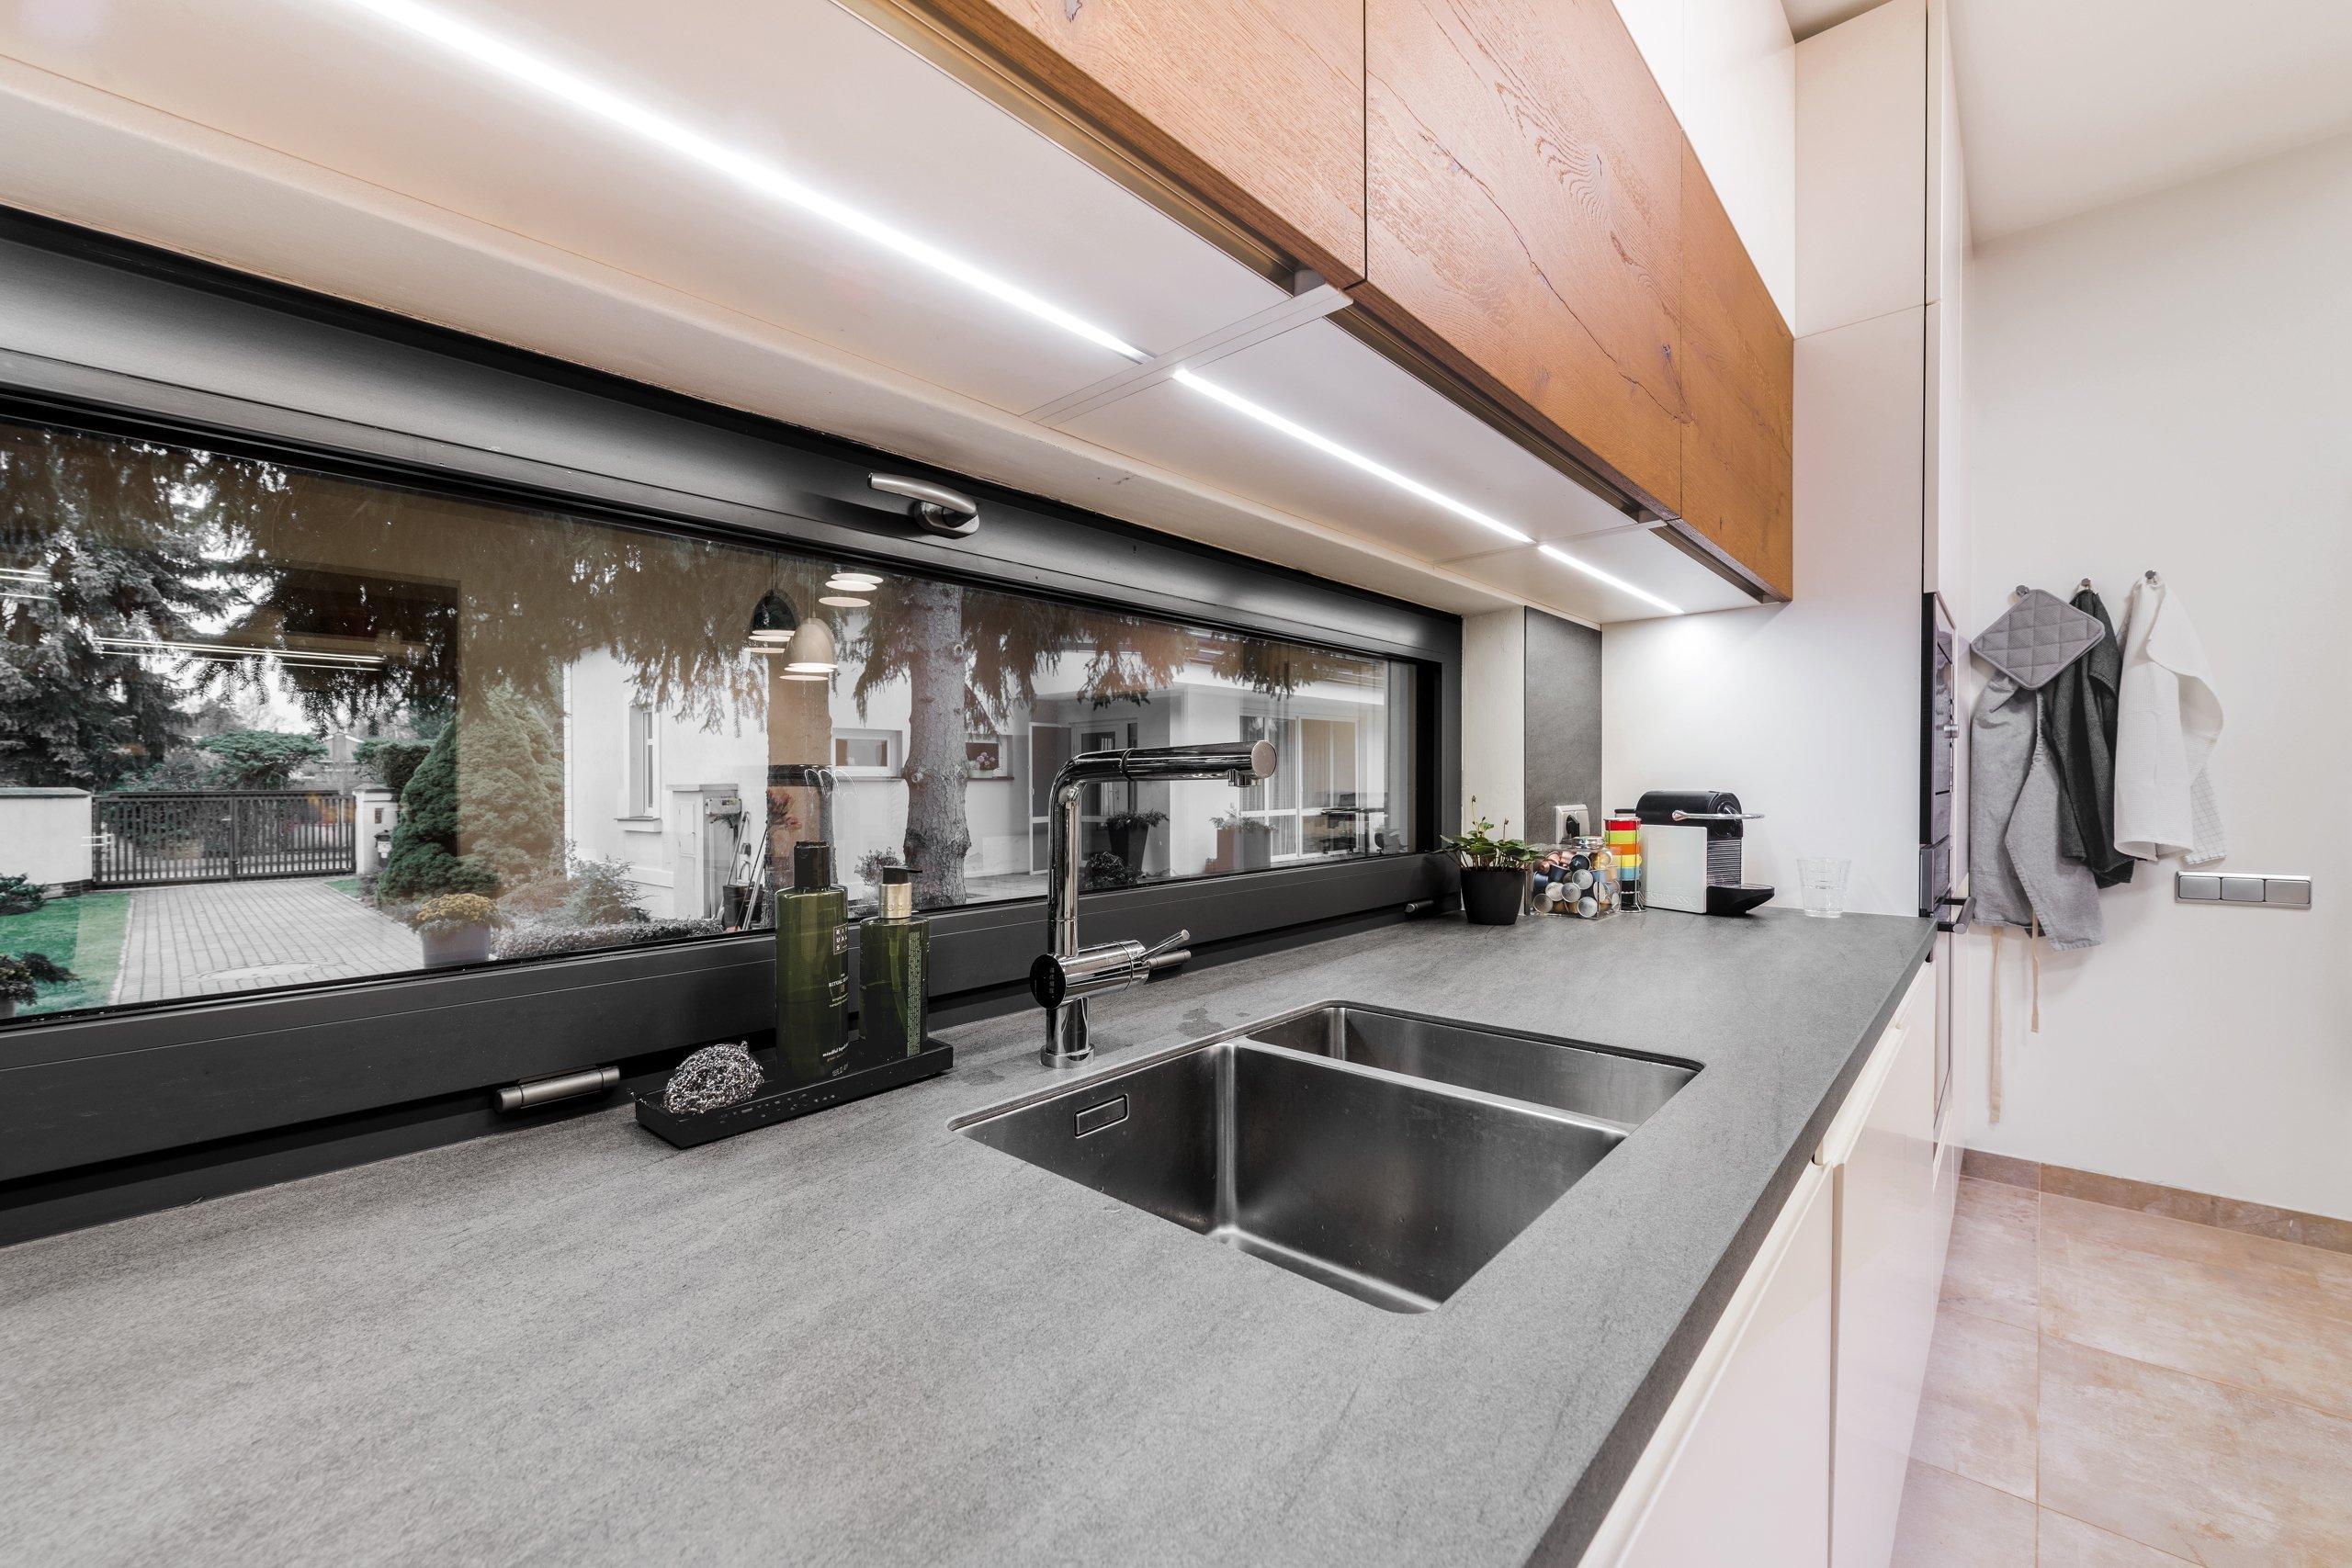 PURE MATT MAGNOLIE | DUB ANTICKÝ TMAVÝ  Kuchyně je mystické místo každého domu. Prostor, kde se otevíráme světu chutí a smyslů, a ukrýváme před nepodařenými…